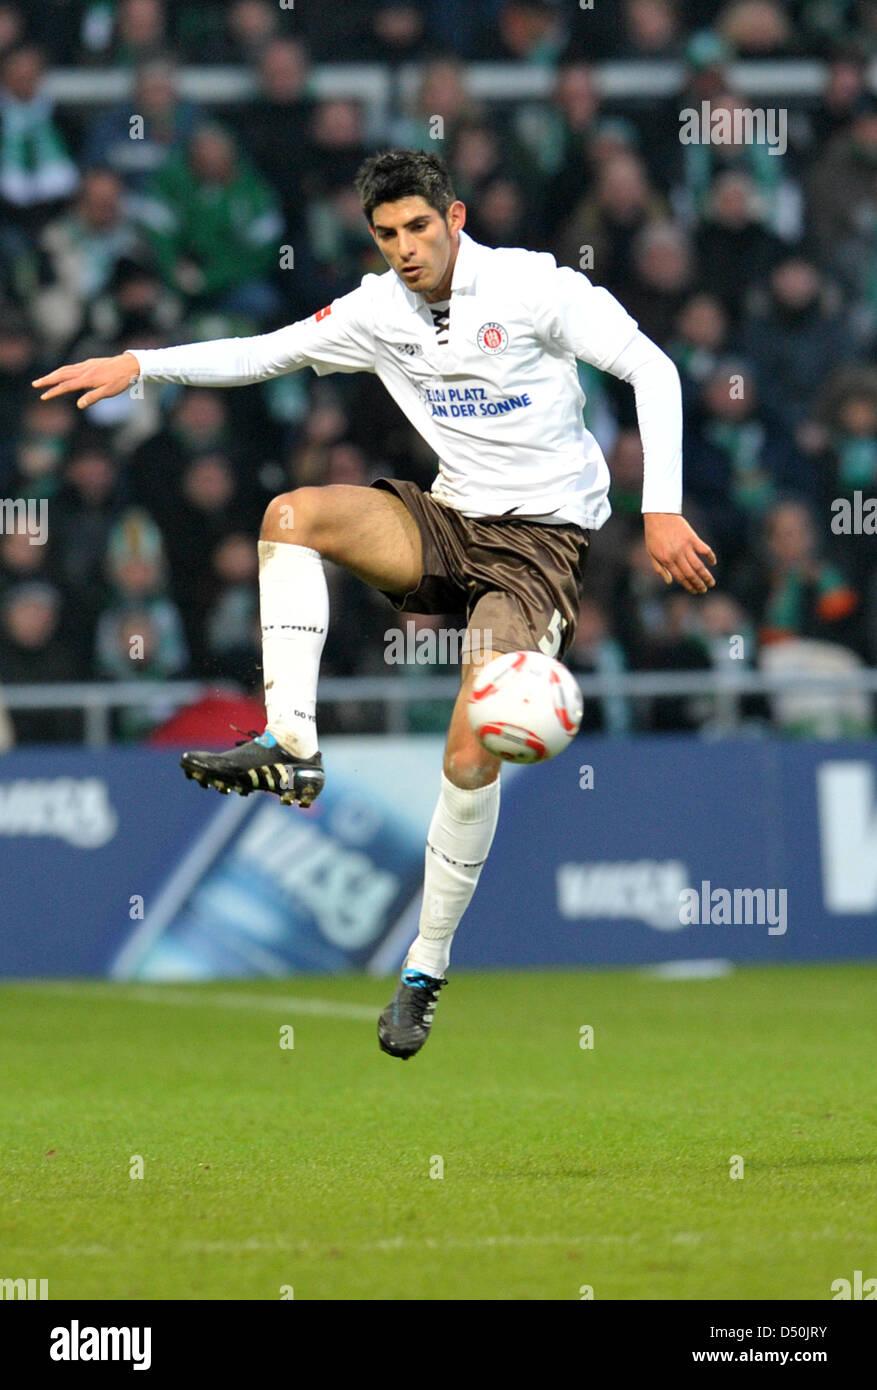 Fu§ball Bundesliga 14. Spieltag: Werder Bremen -FC St. Pauli am Sonntag (28.11.2010) im Weserstadion in Bremen. - Stock Image